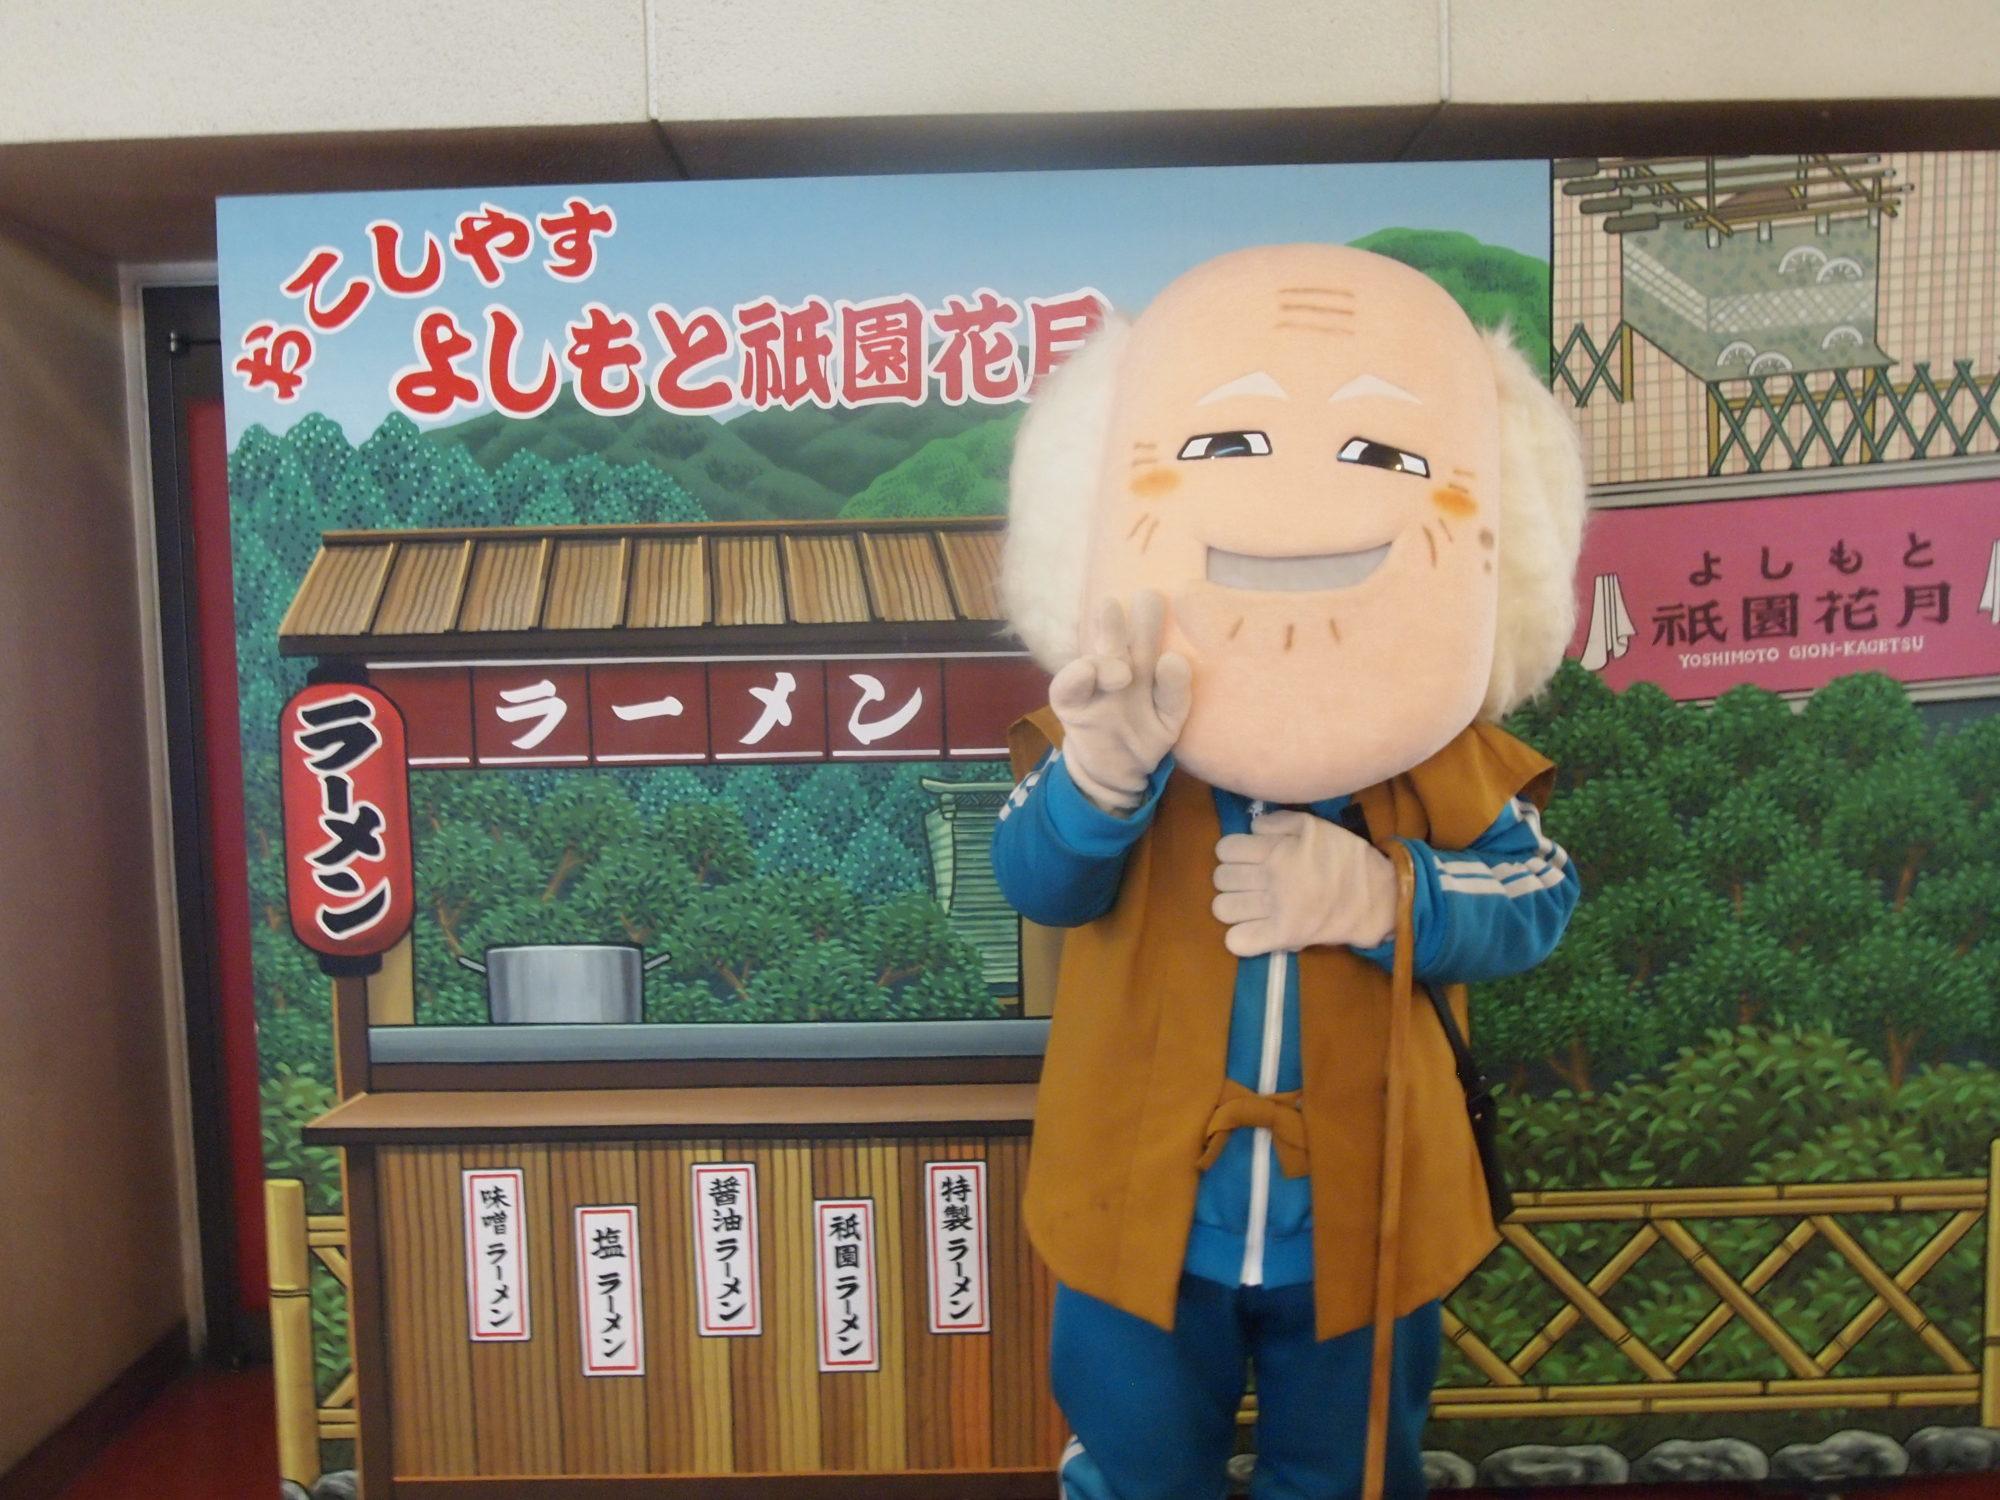 京都で大阪を楽しむ〜祇園花月で吉本新喜劇を堪能〜